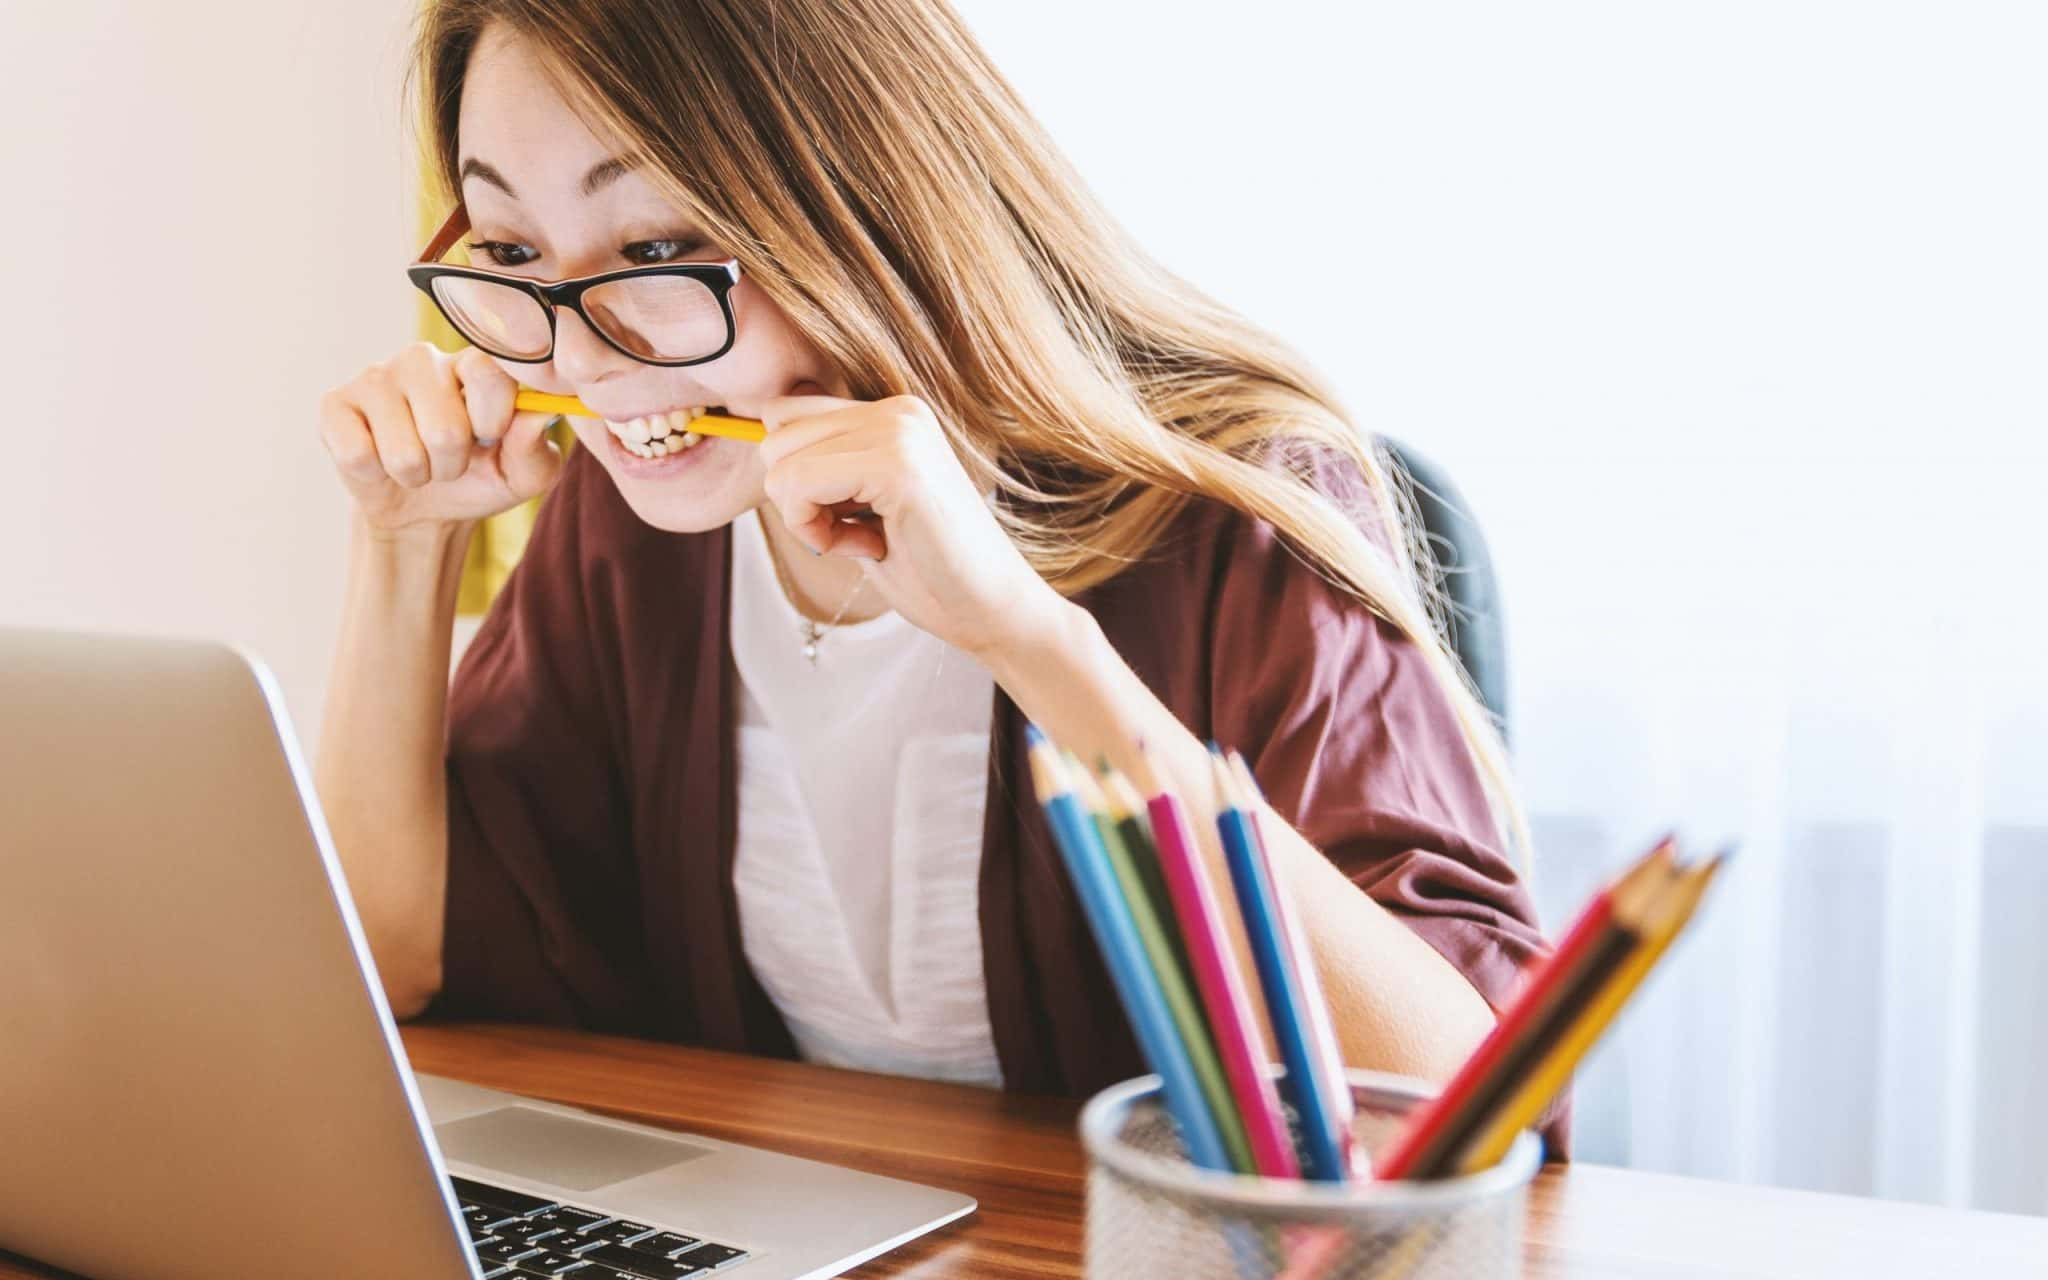 Comment gérer votre stress professionnel? Suivez nos 6 conseils!